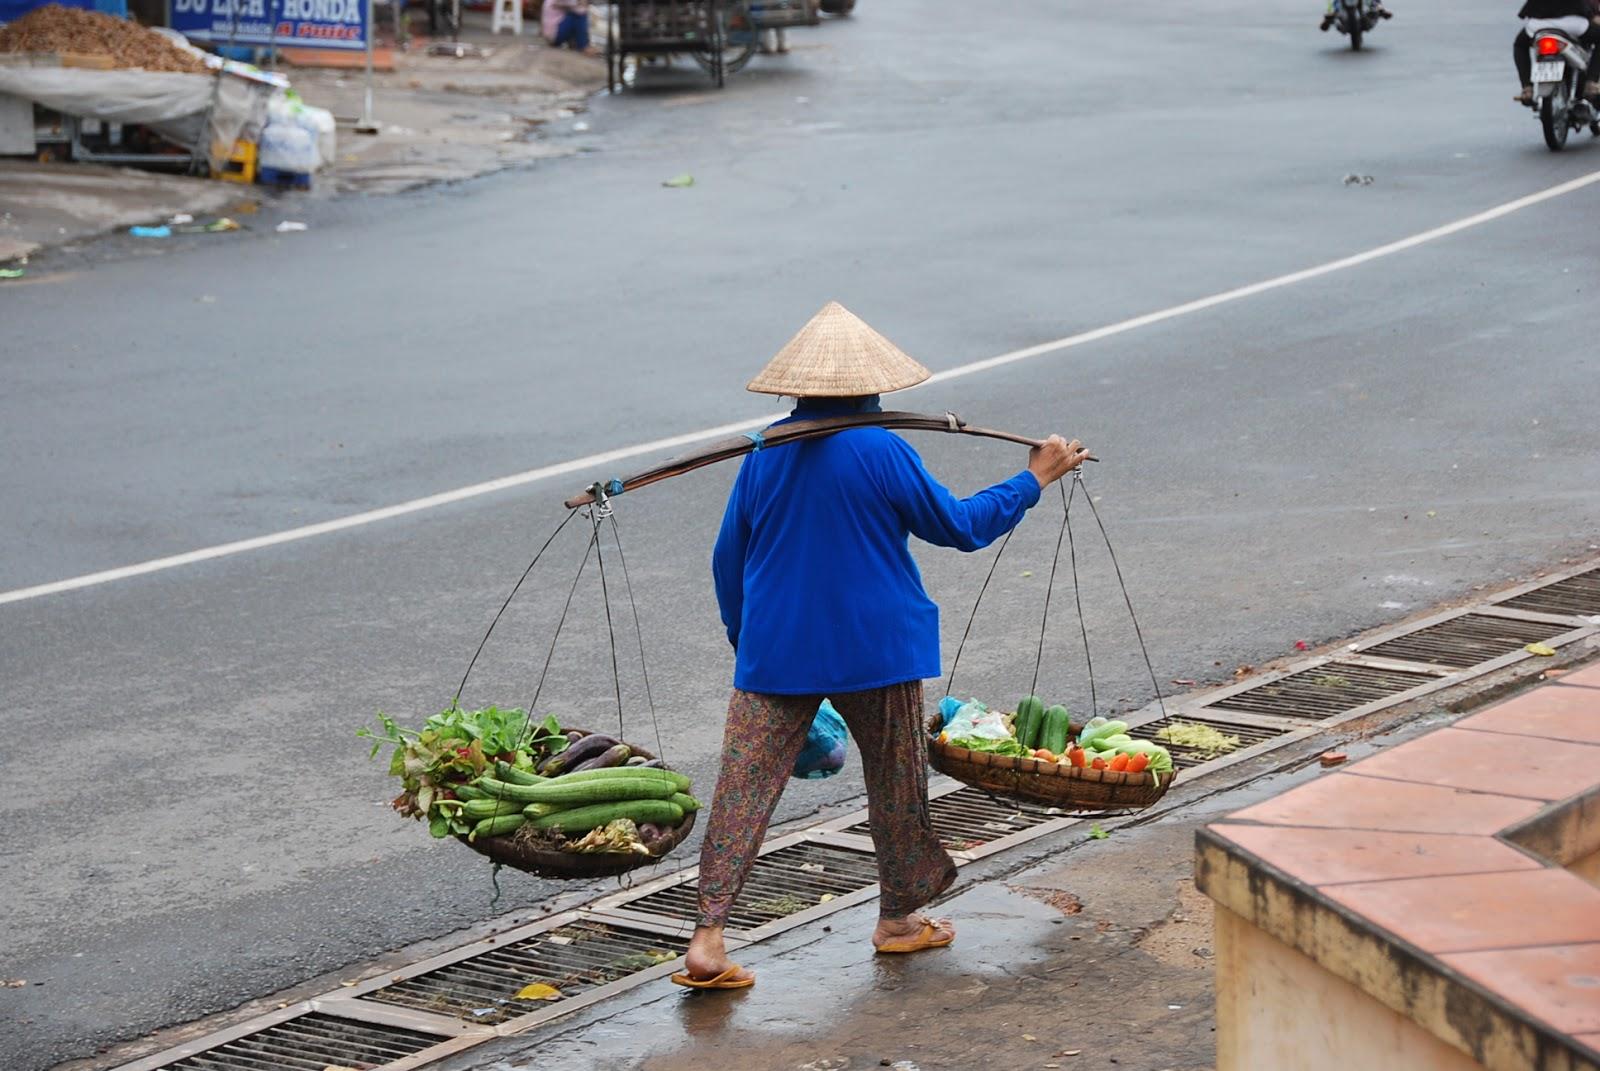 Du lịch khám phá Châu Đốc, An Giang